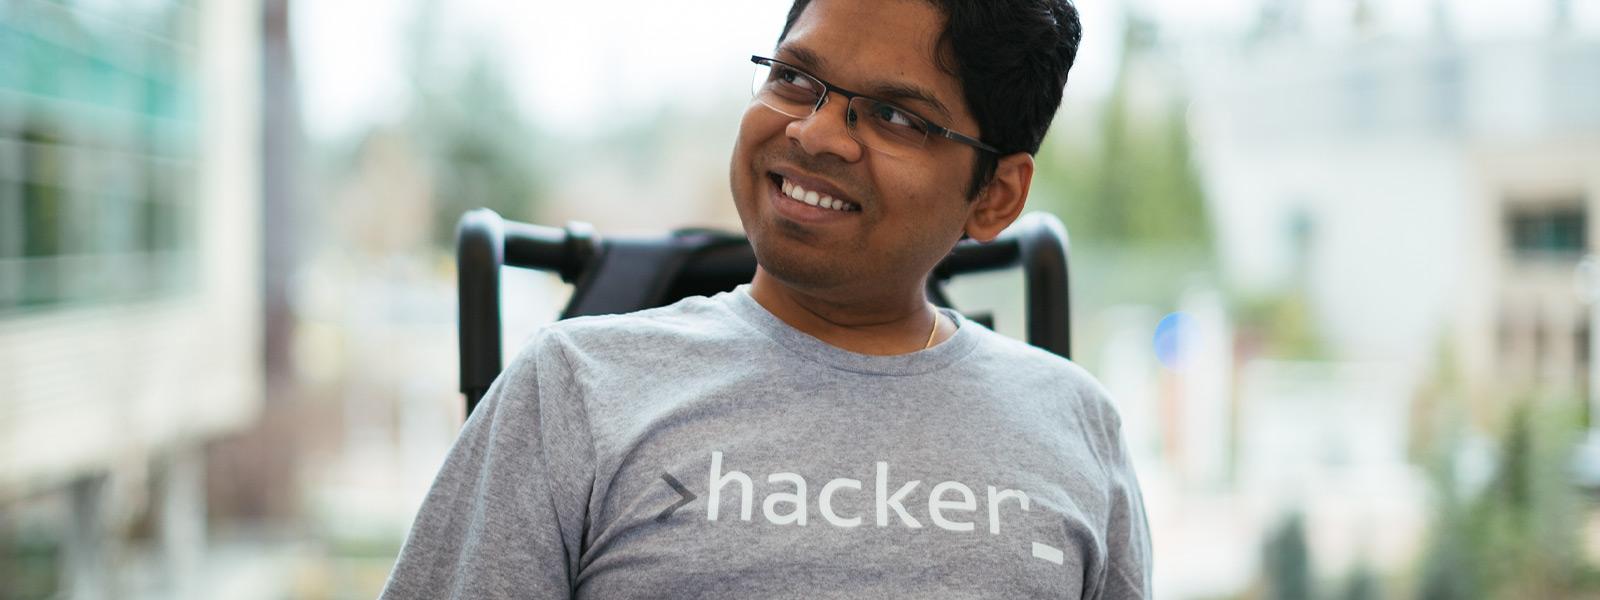 微笑的男人坐在輪椅裡